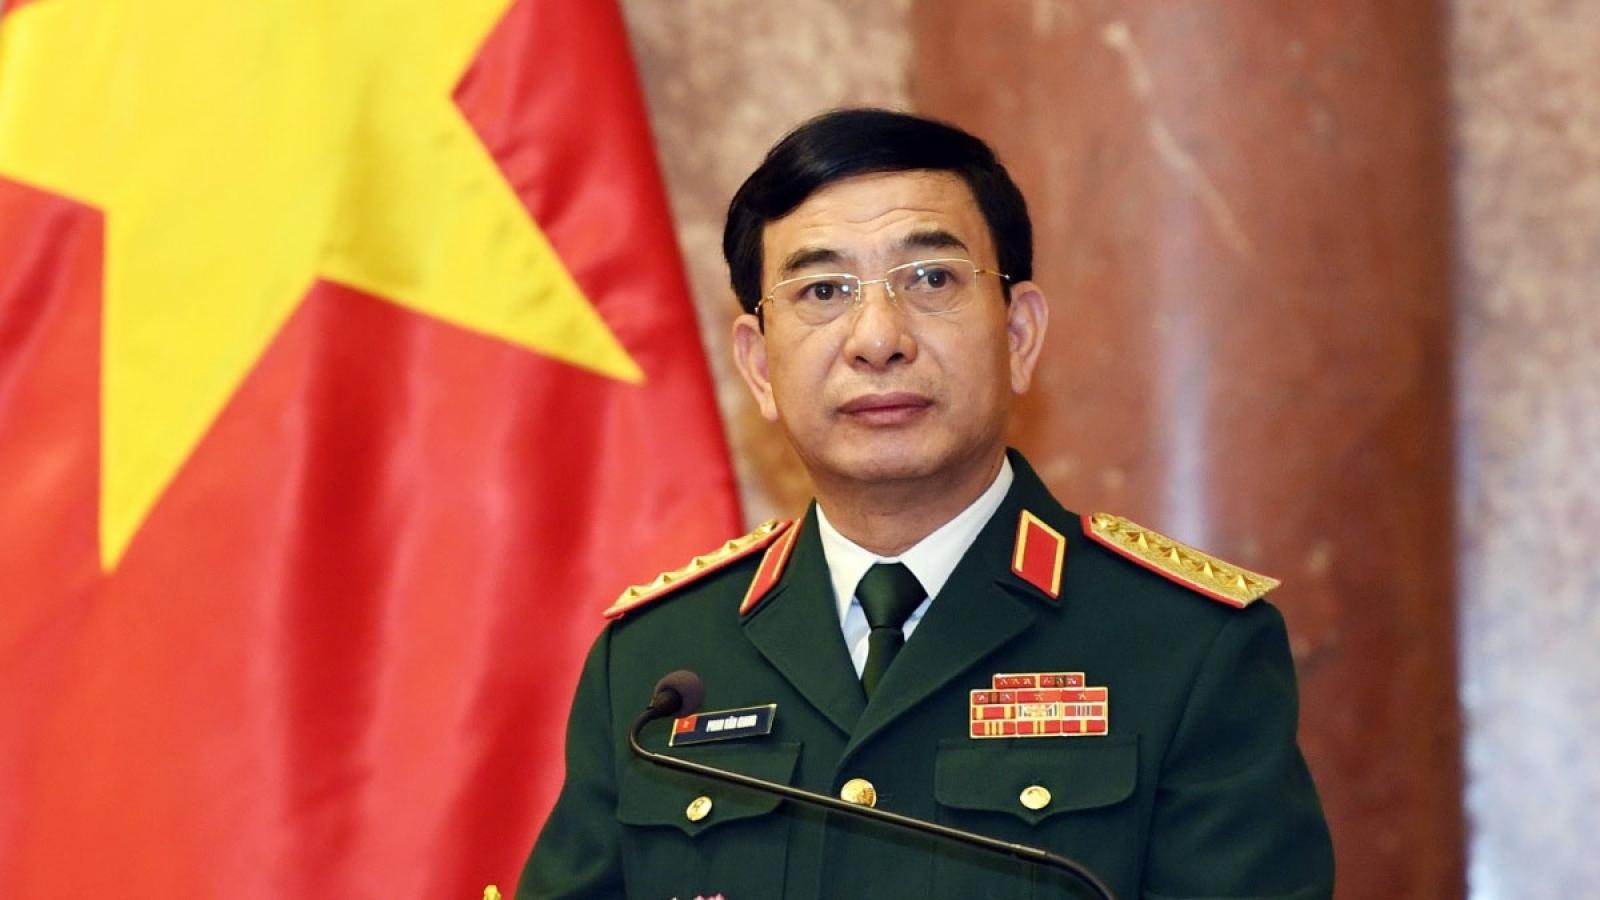 Bộ trưởng Bộ Quốc phòng gửi thư động viên cán bộ, chiến sỹ và toàn lực lượng quốc phòng